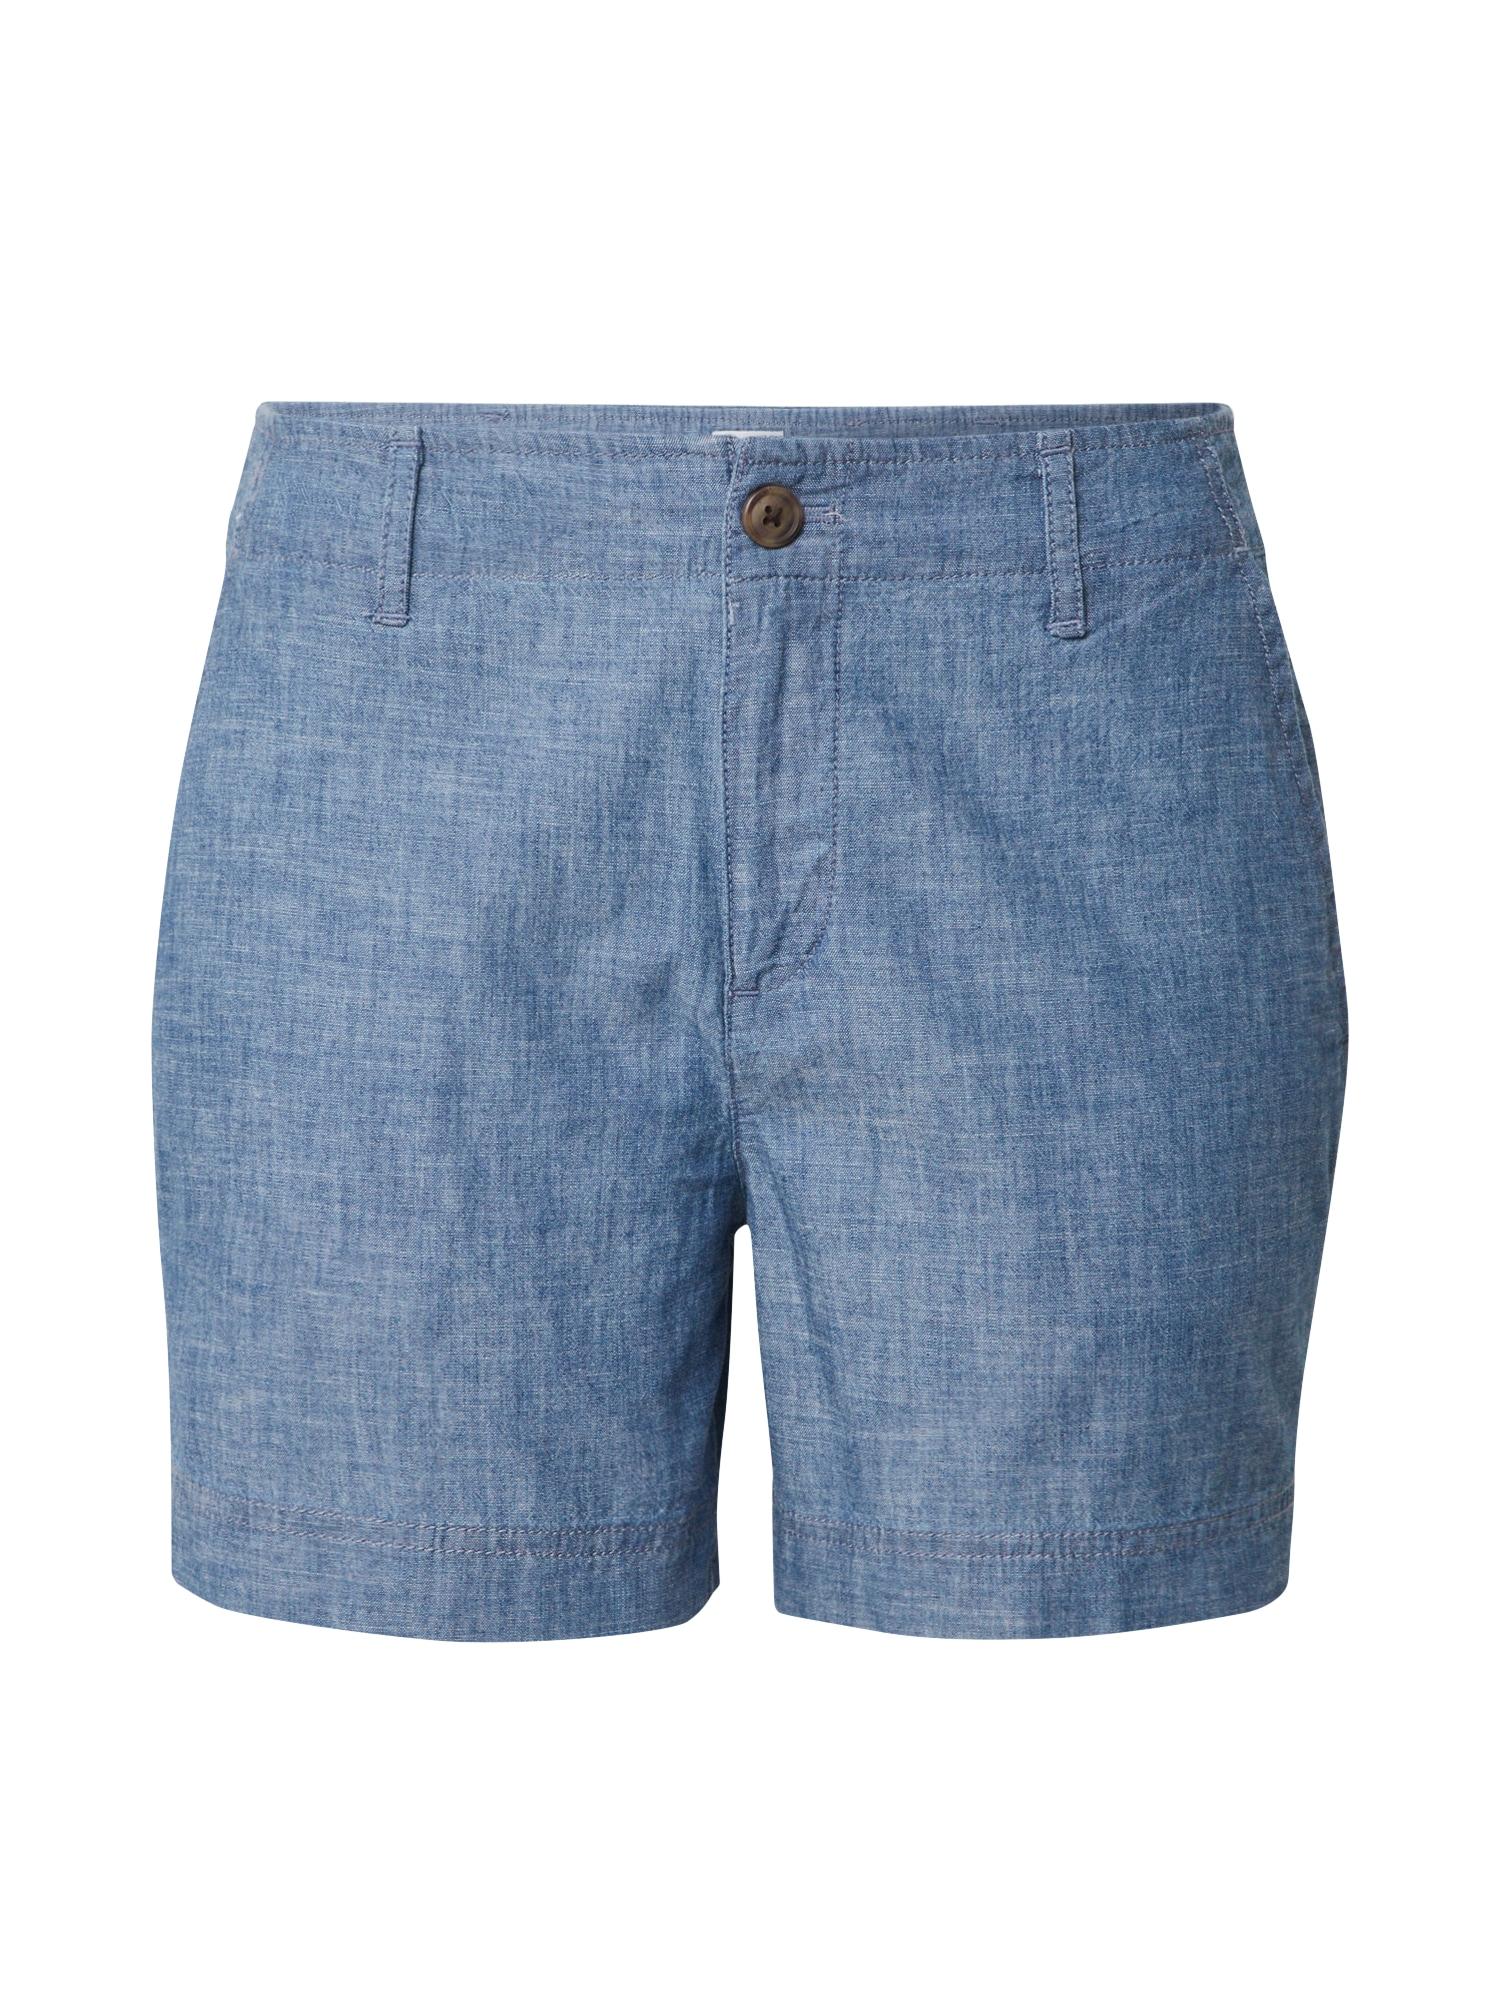 GAP Chino stiliaus kelnės 'V-5 IN SHORT CHAMBRAY' indigo spalva